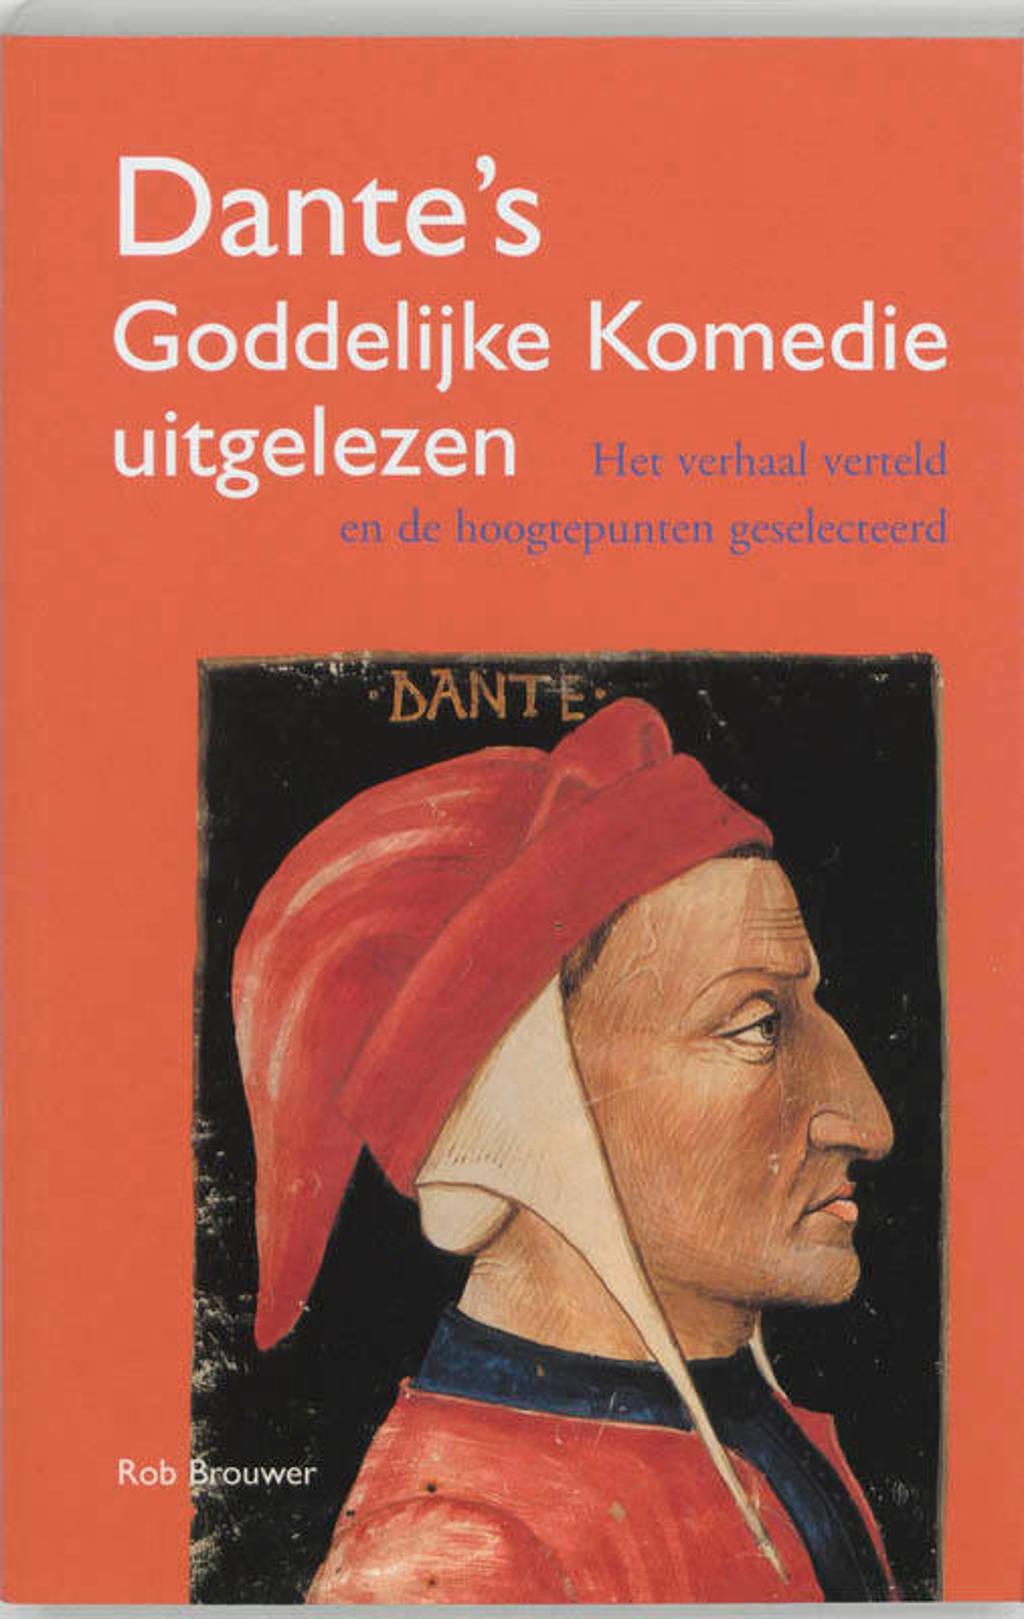 Dante's Goddelijke Komedie uitgelezen - Rob Brouwer